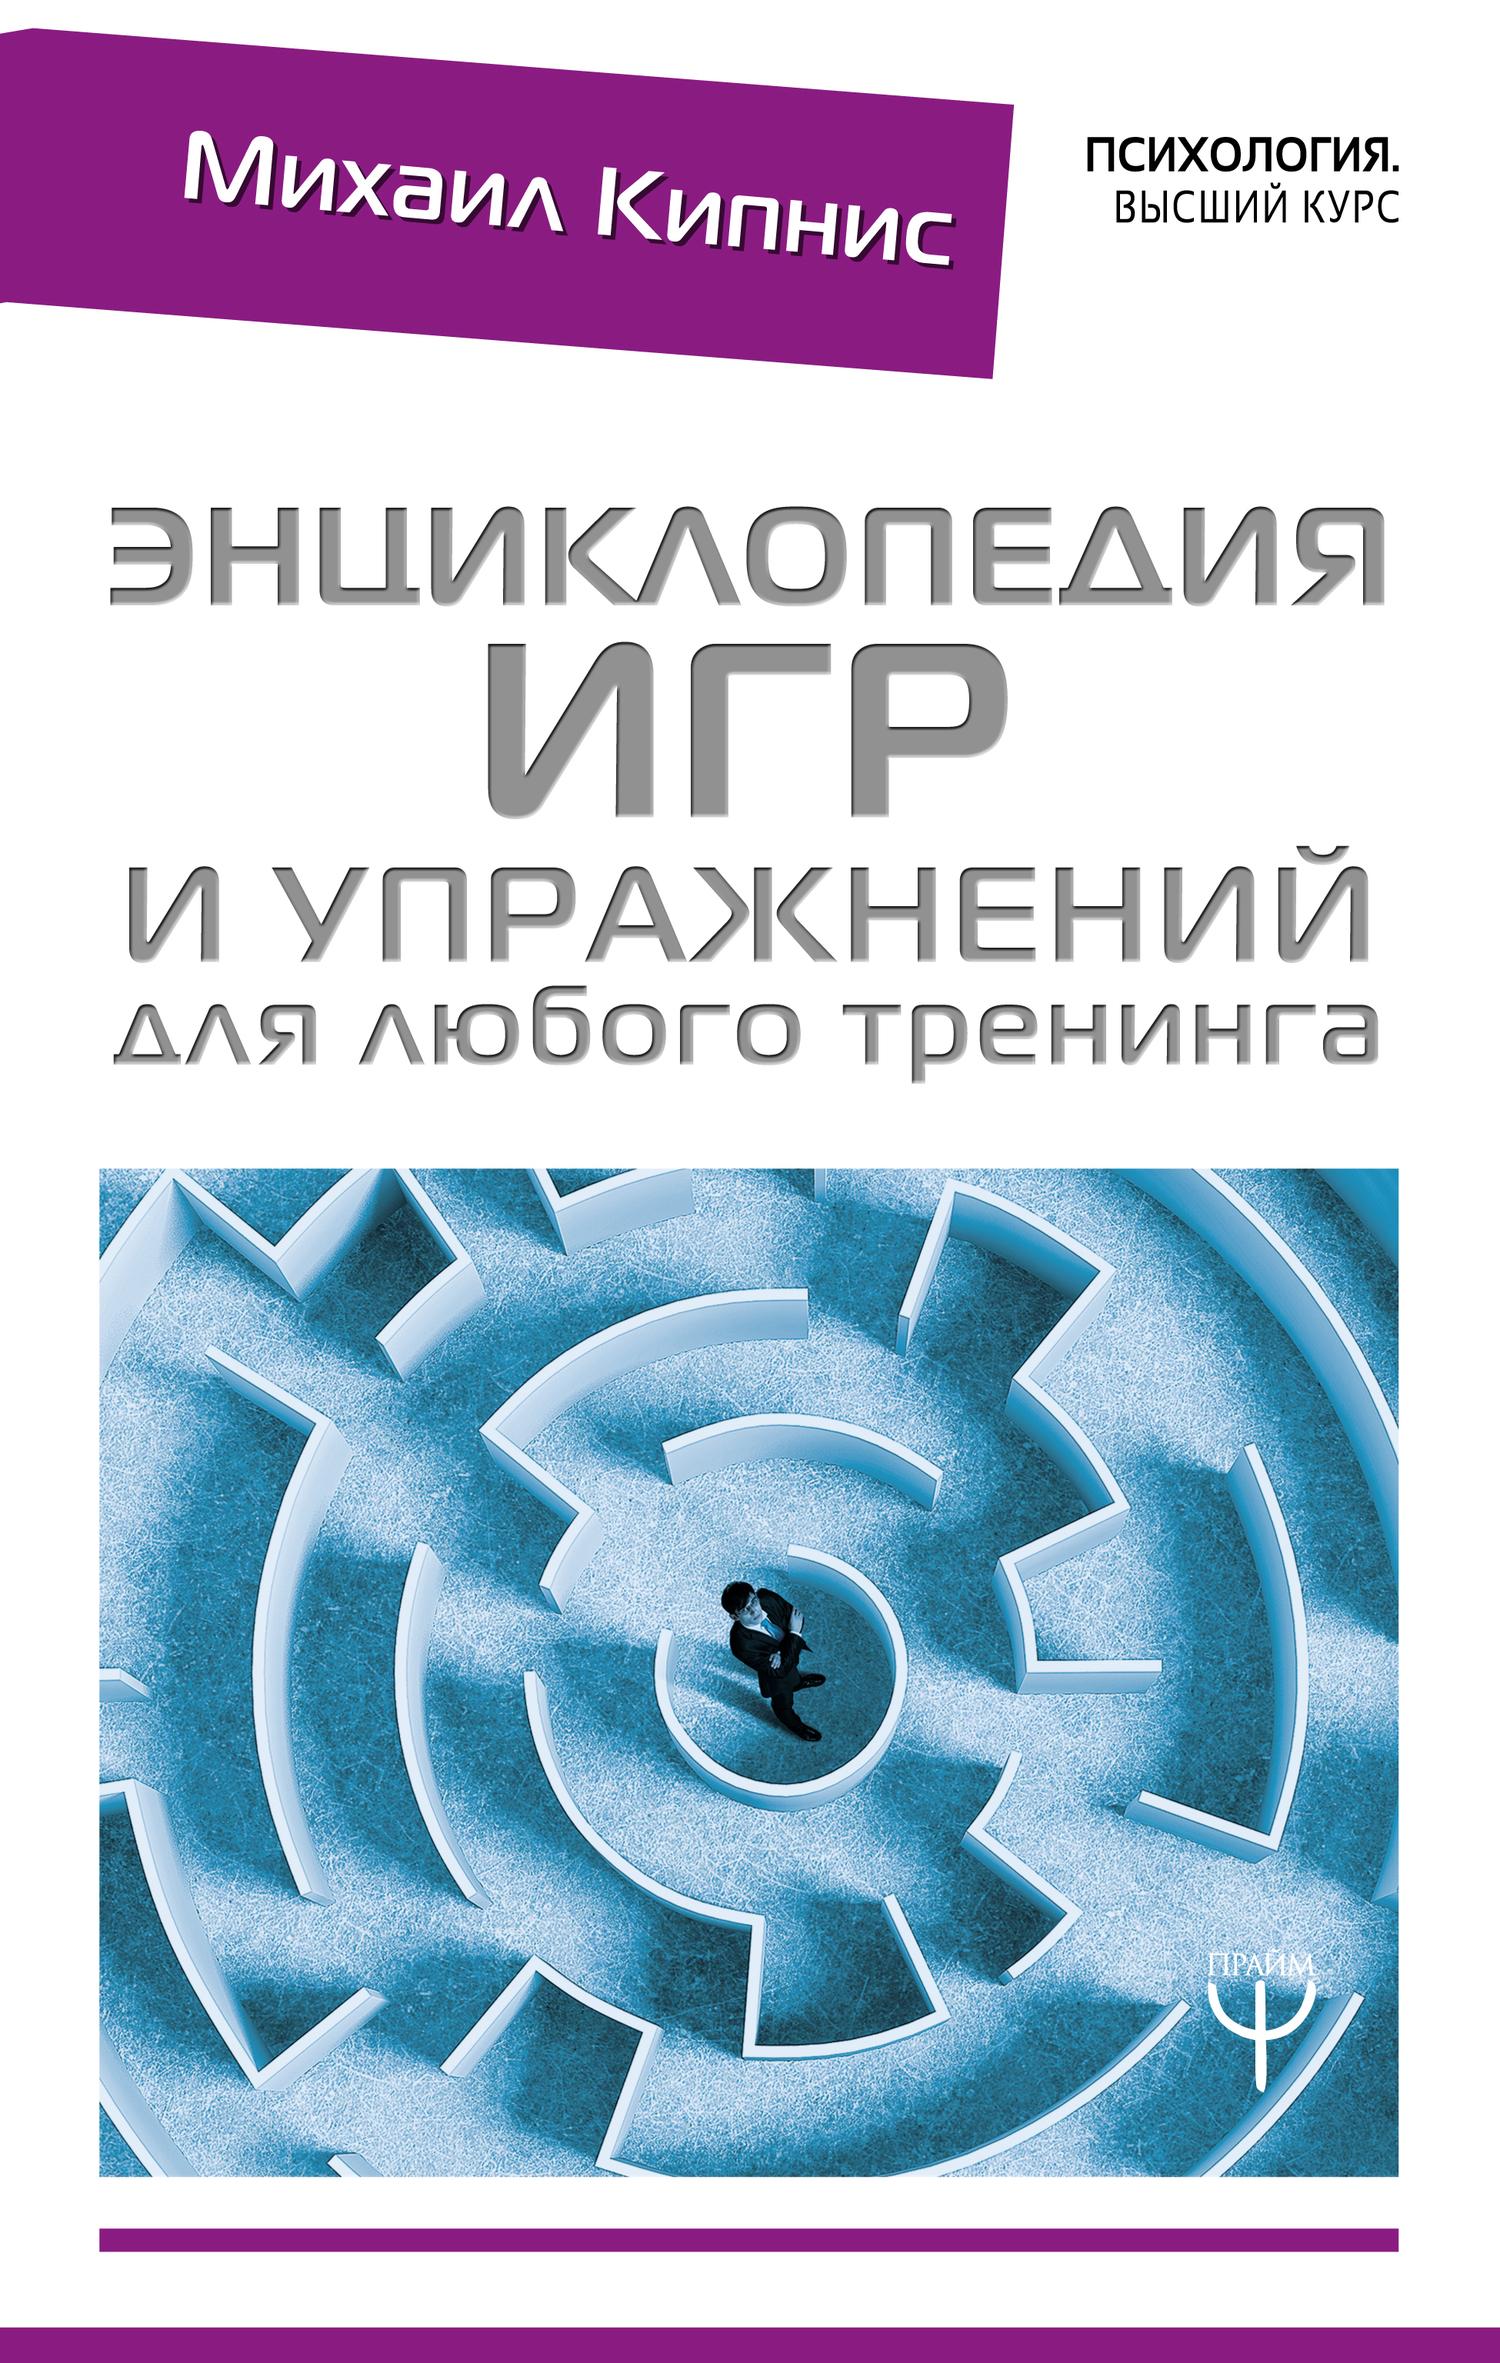 Михаил Кипнис. Энциклопедия игр и упражнений для любого тренинга